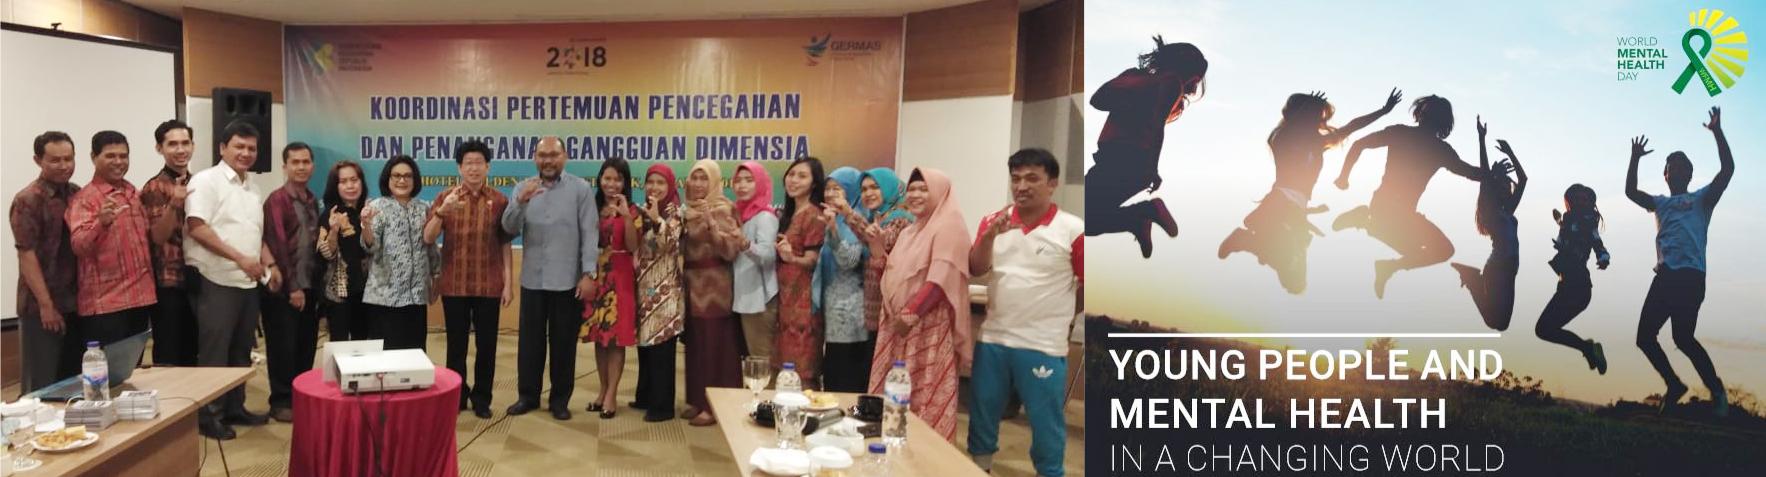 Foto Bersama Koordinasi Pertemuan Pencegahan Dan Penanggulangan Dimensia